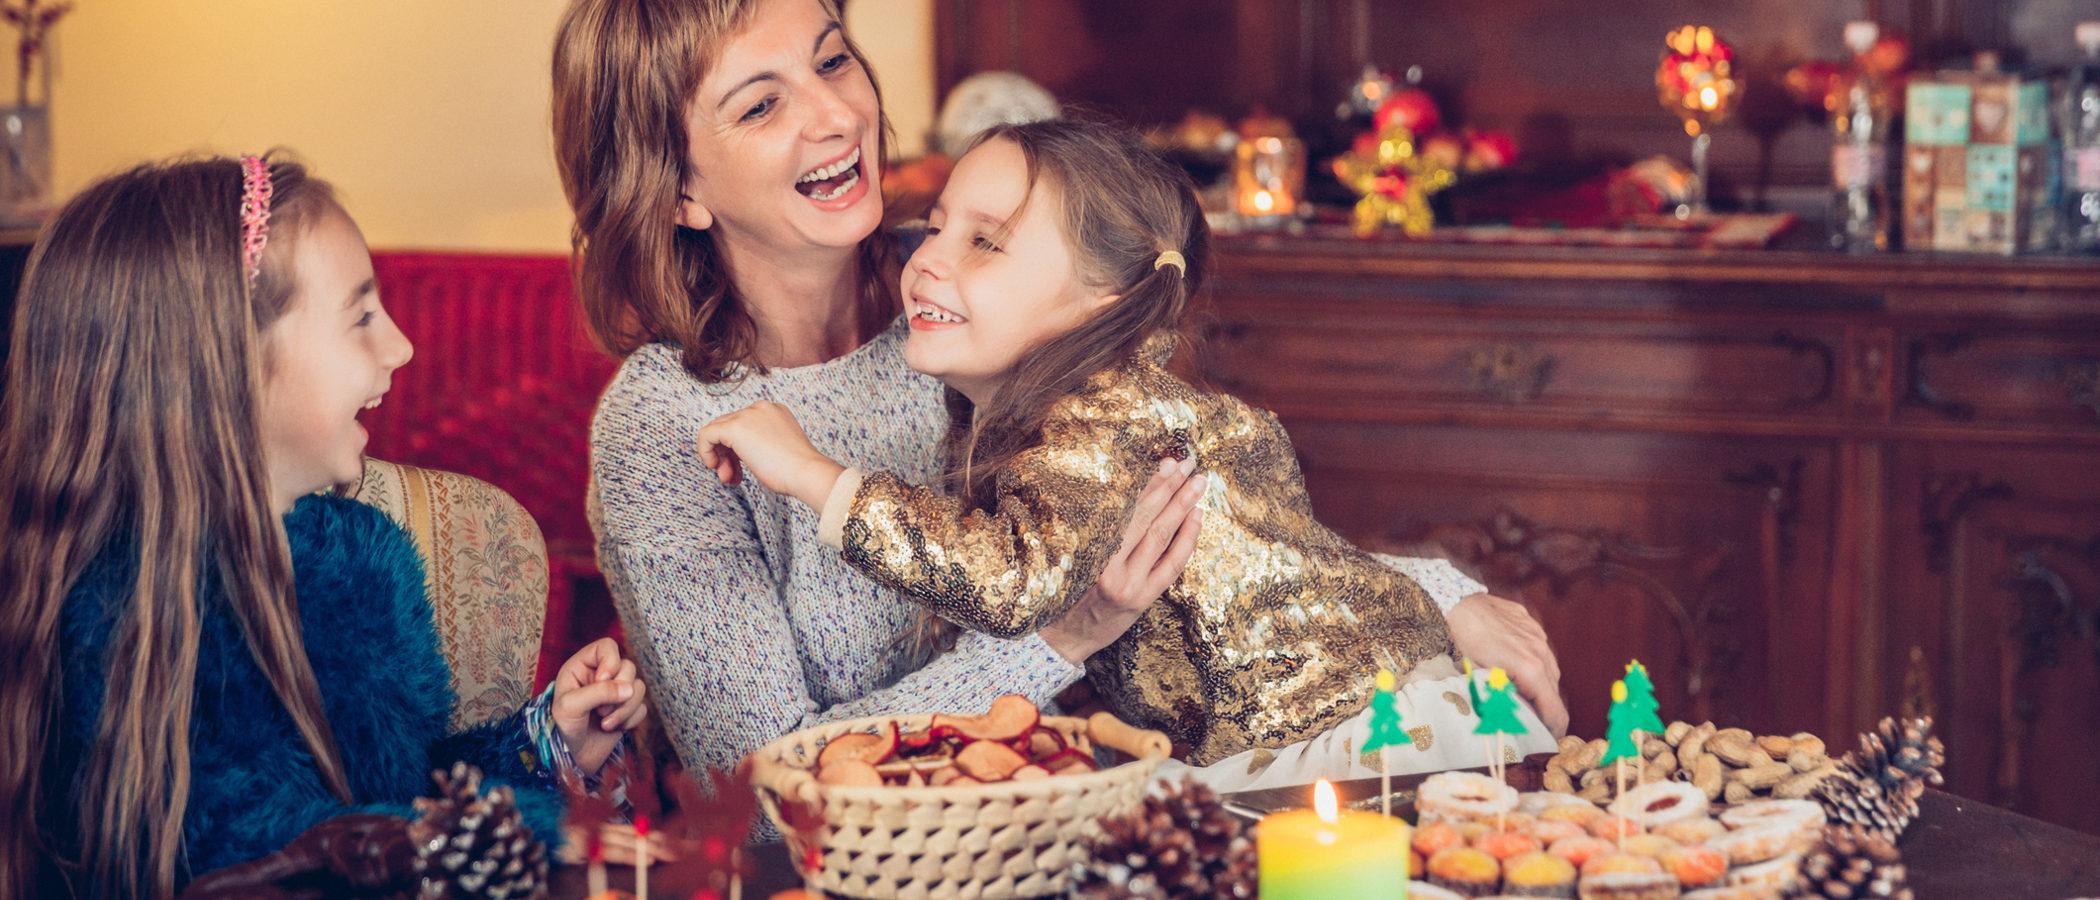 Cómo pasar la Navidad cuando los padres estamos divorciados